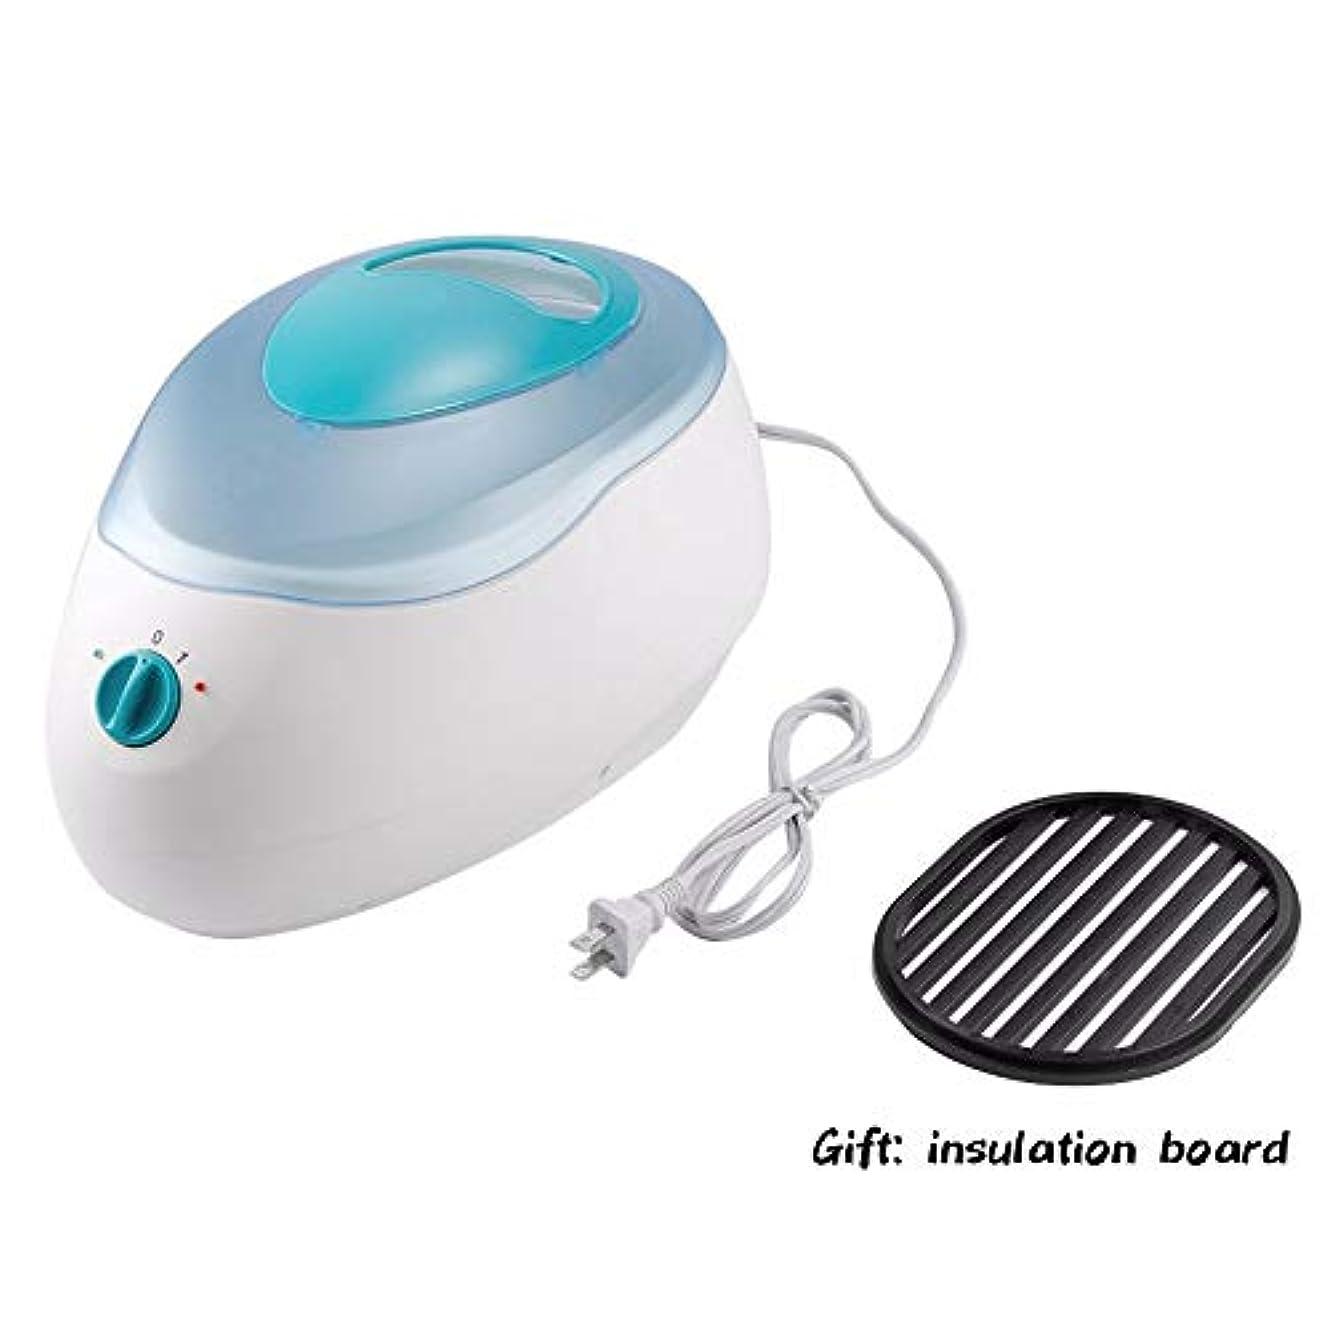 通信する精巧なダンプワックスヒーター機200ワットパラフィンヒーター療法浴室ワックスポットヒーター美容院スパ2レベル制御機用スキンケアツール